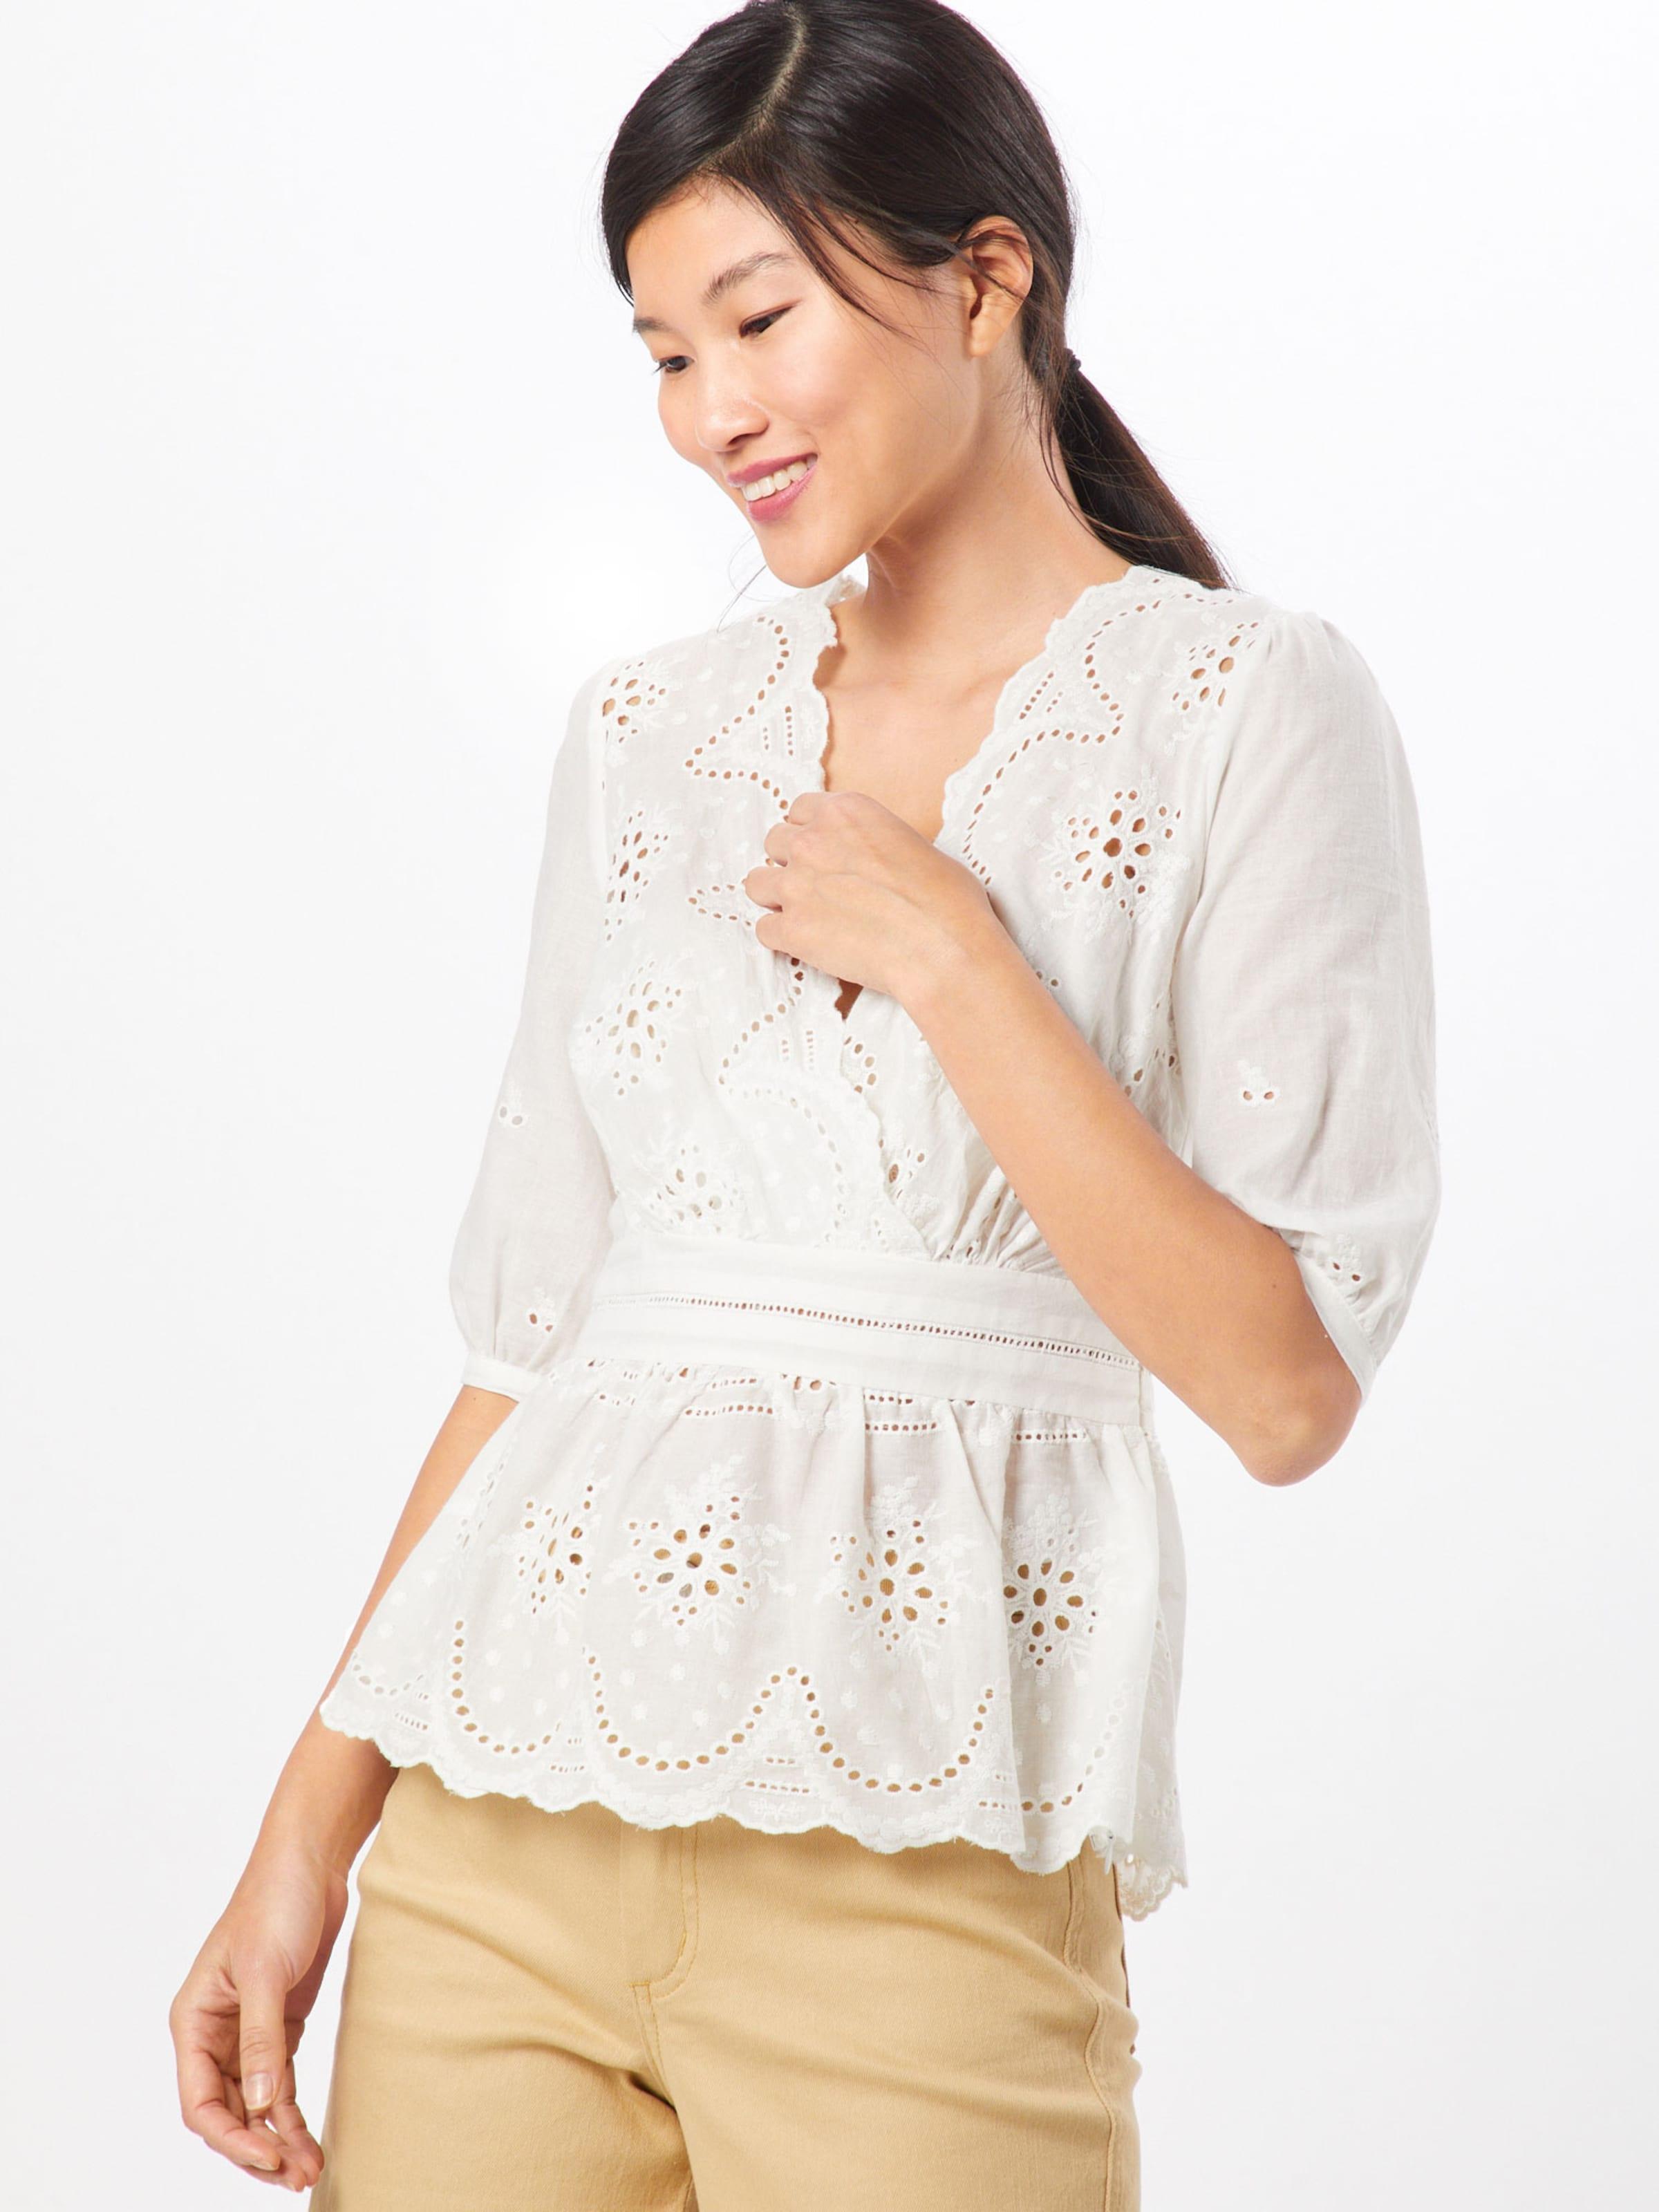 In Weiß Fashion Union Bluse 'rose' NnOPX8w0k